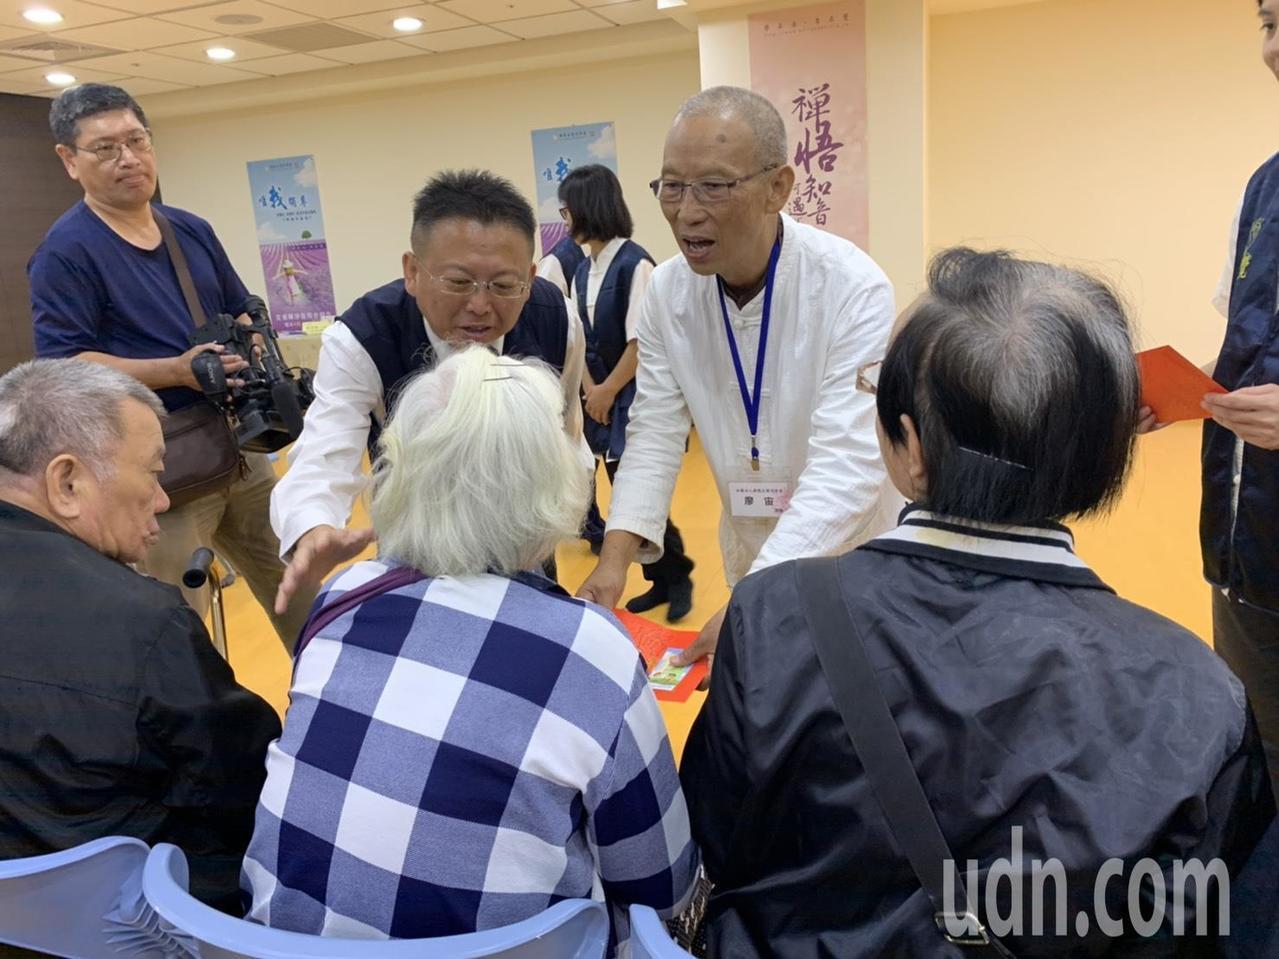 佛教正覺同修會將愛心紅包親送到弱勢民眾手中。記者張念慈/攝影